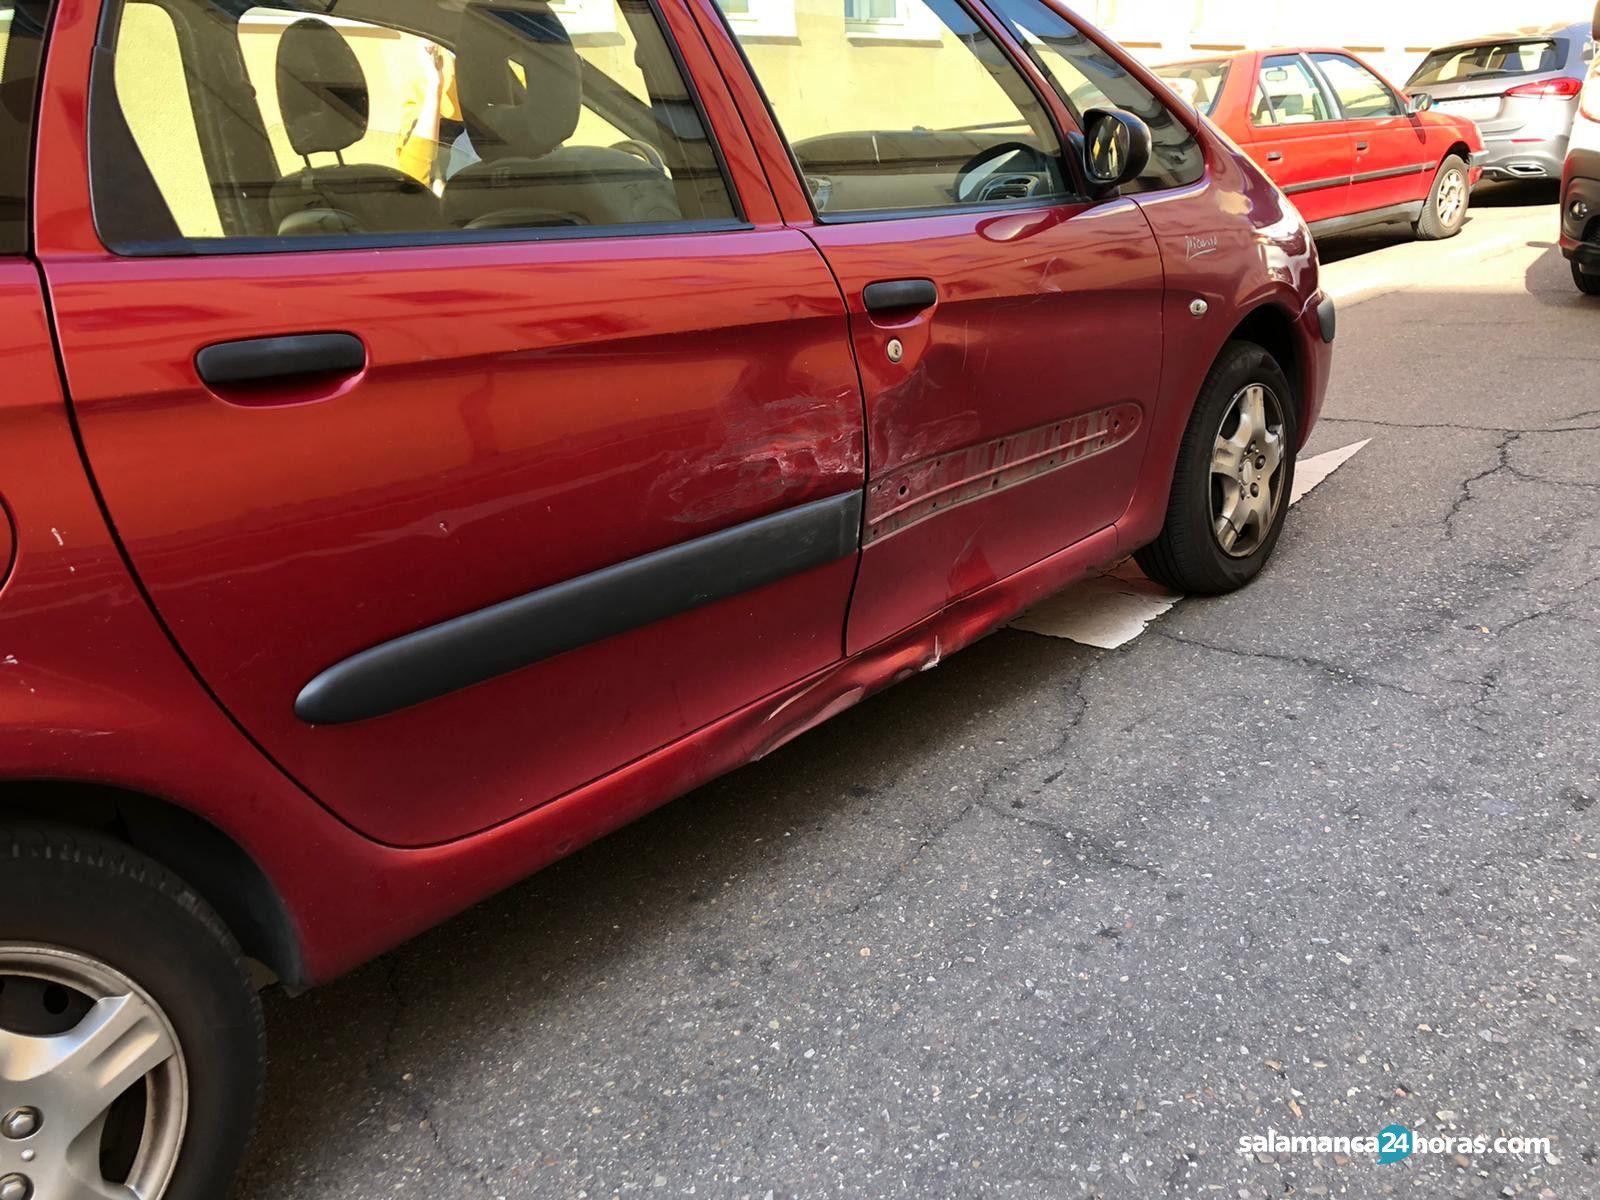 Accidente delivero (1)